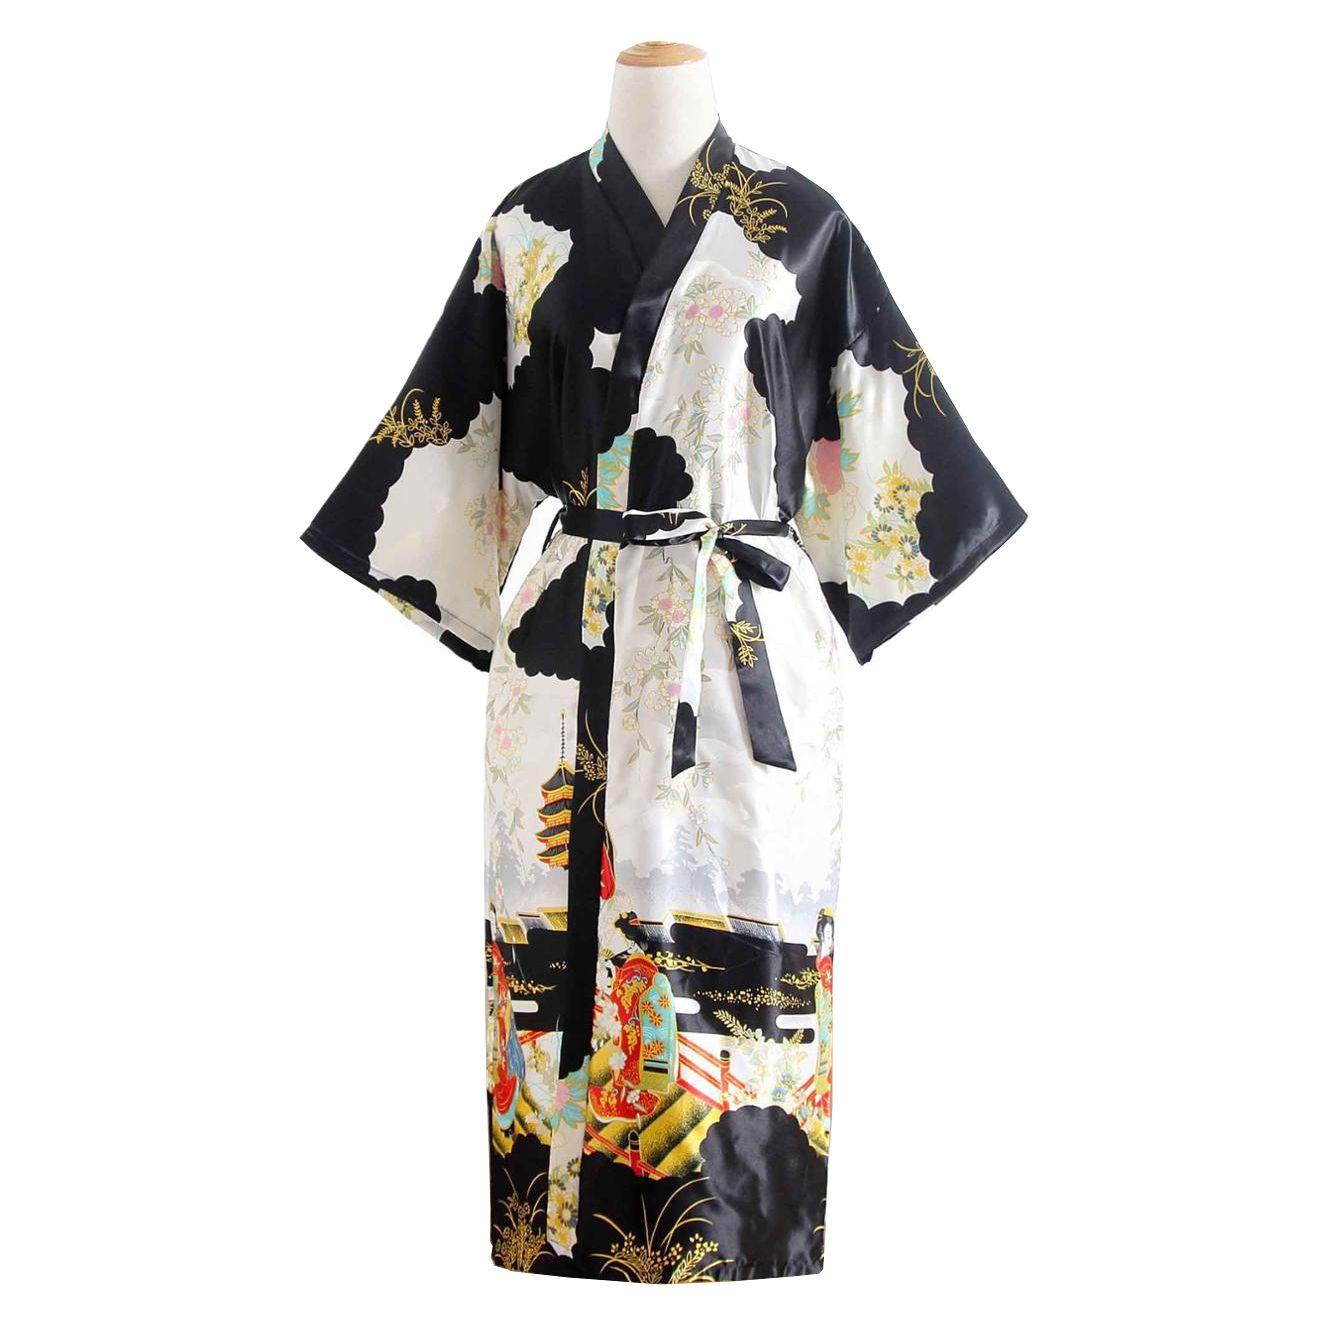 Kimono Preto Longo Estampa de Gueixa, Cetim de Alta Qualidade Suave ao Toque, Elegante Robe Casual